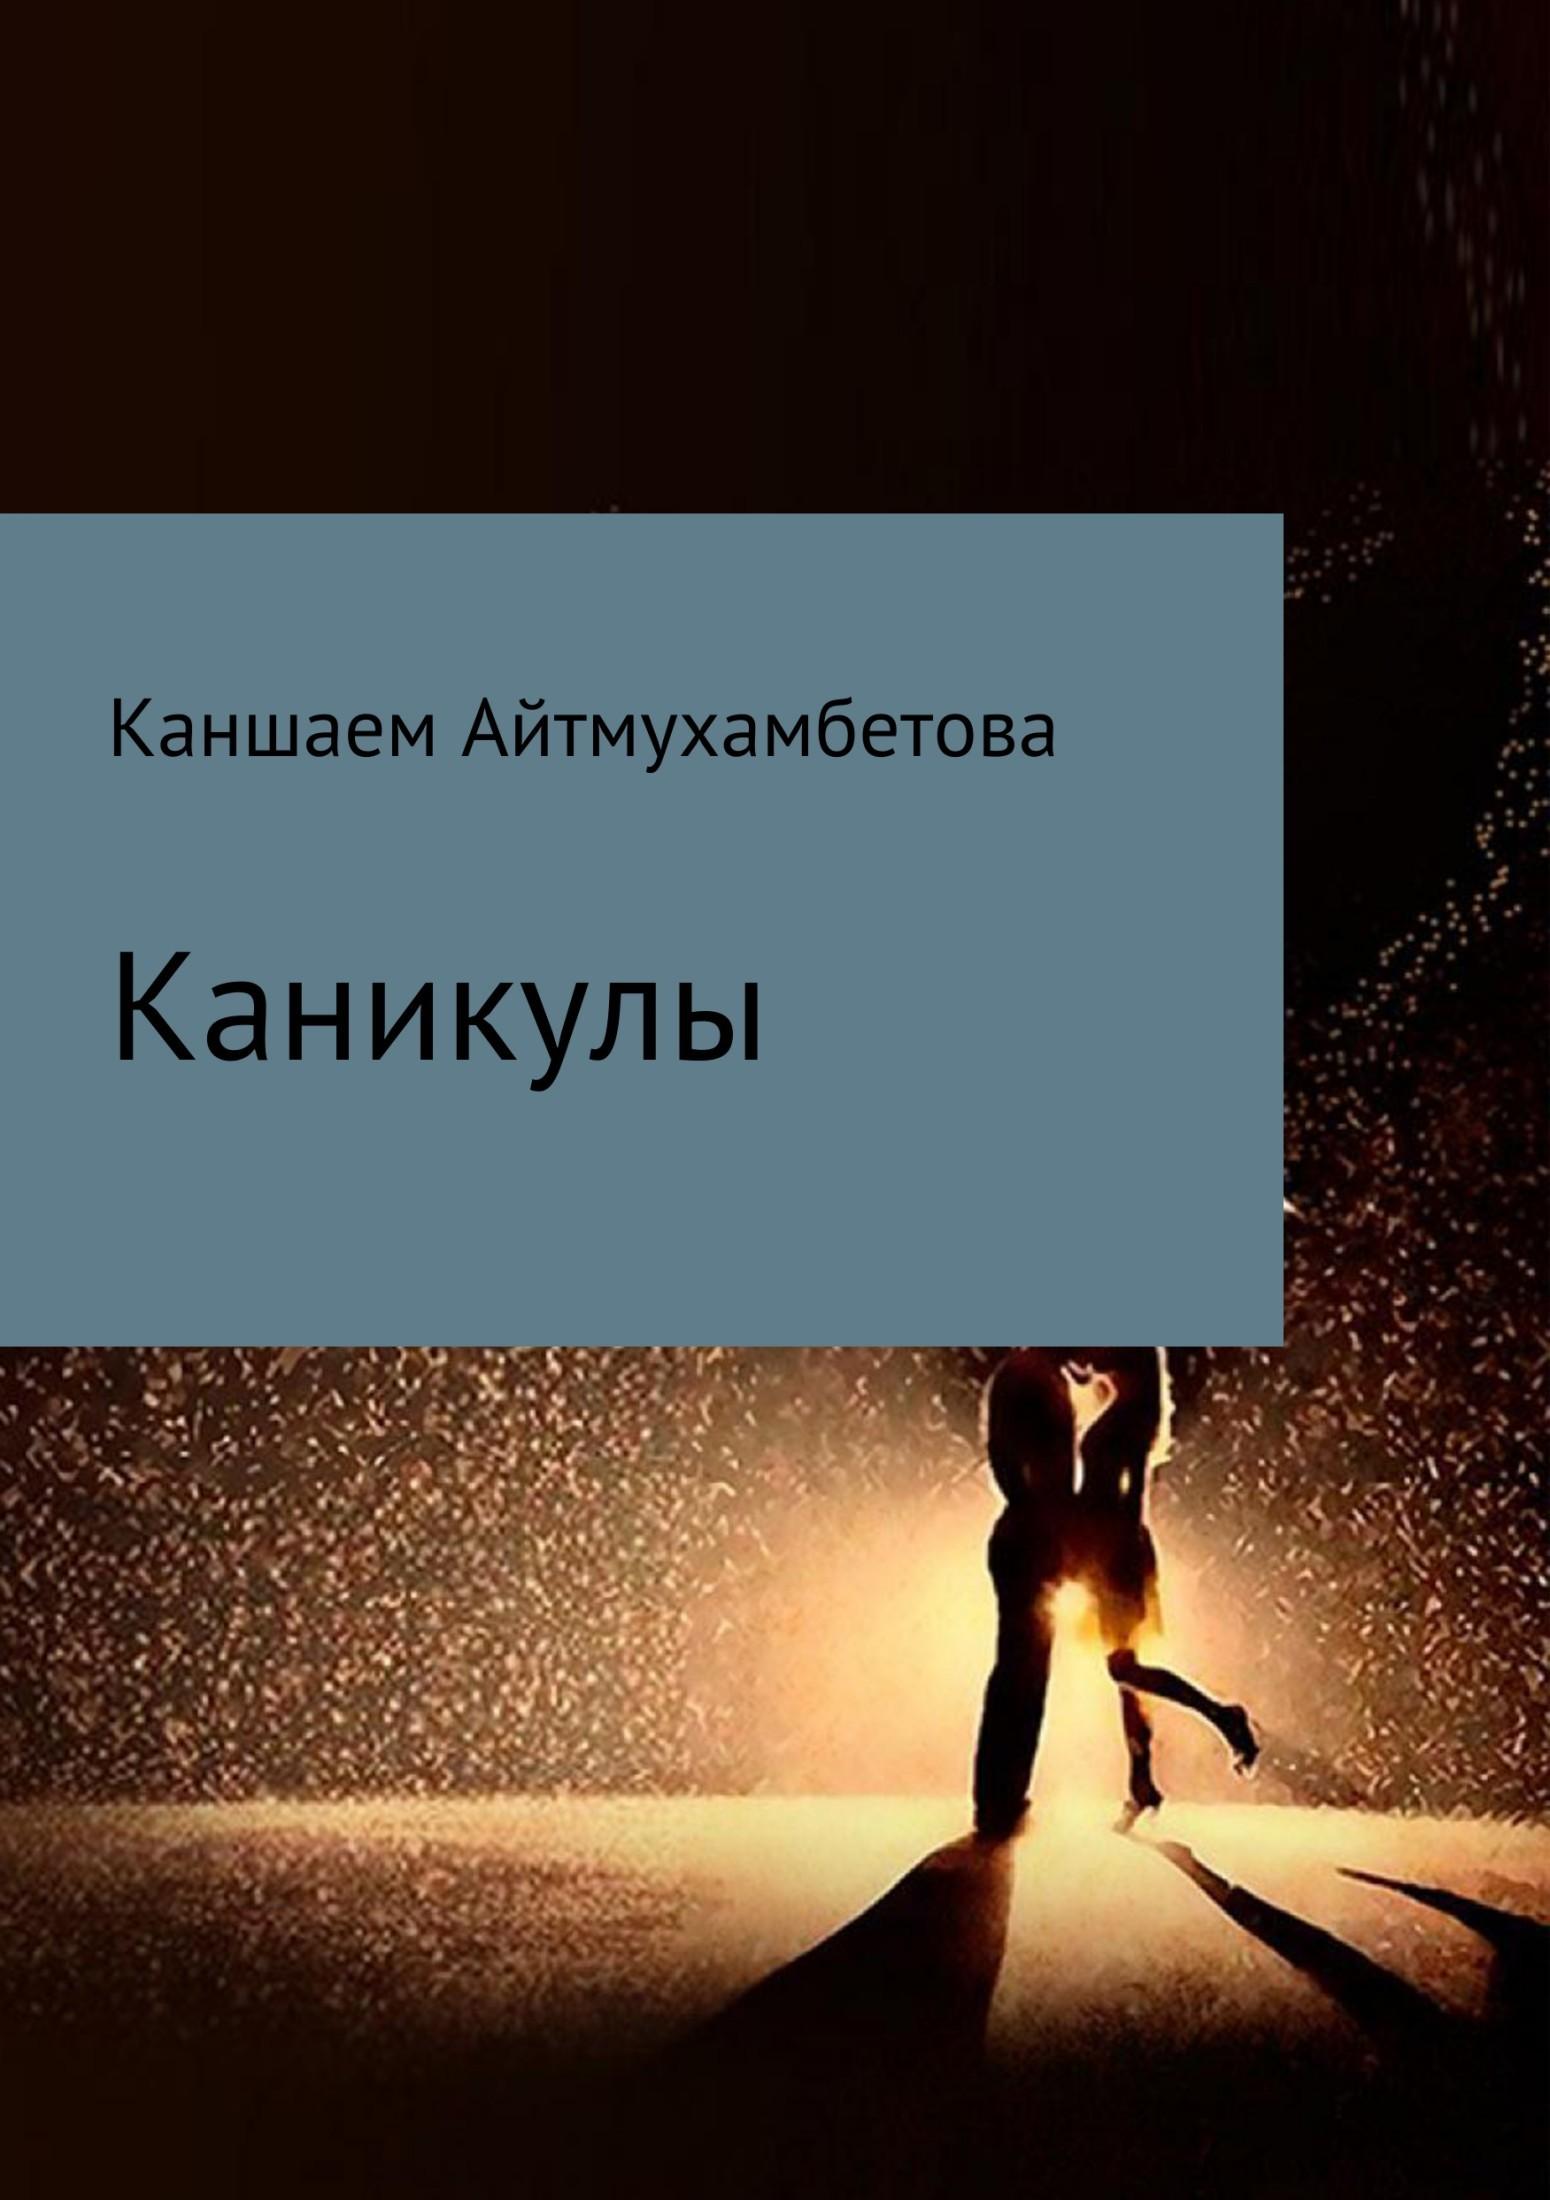 Каншаем Карисовна Айтмухамбетова Каникулы каншаем карисовна айтмухамбетова каникулы